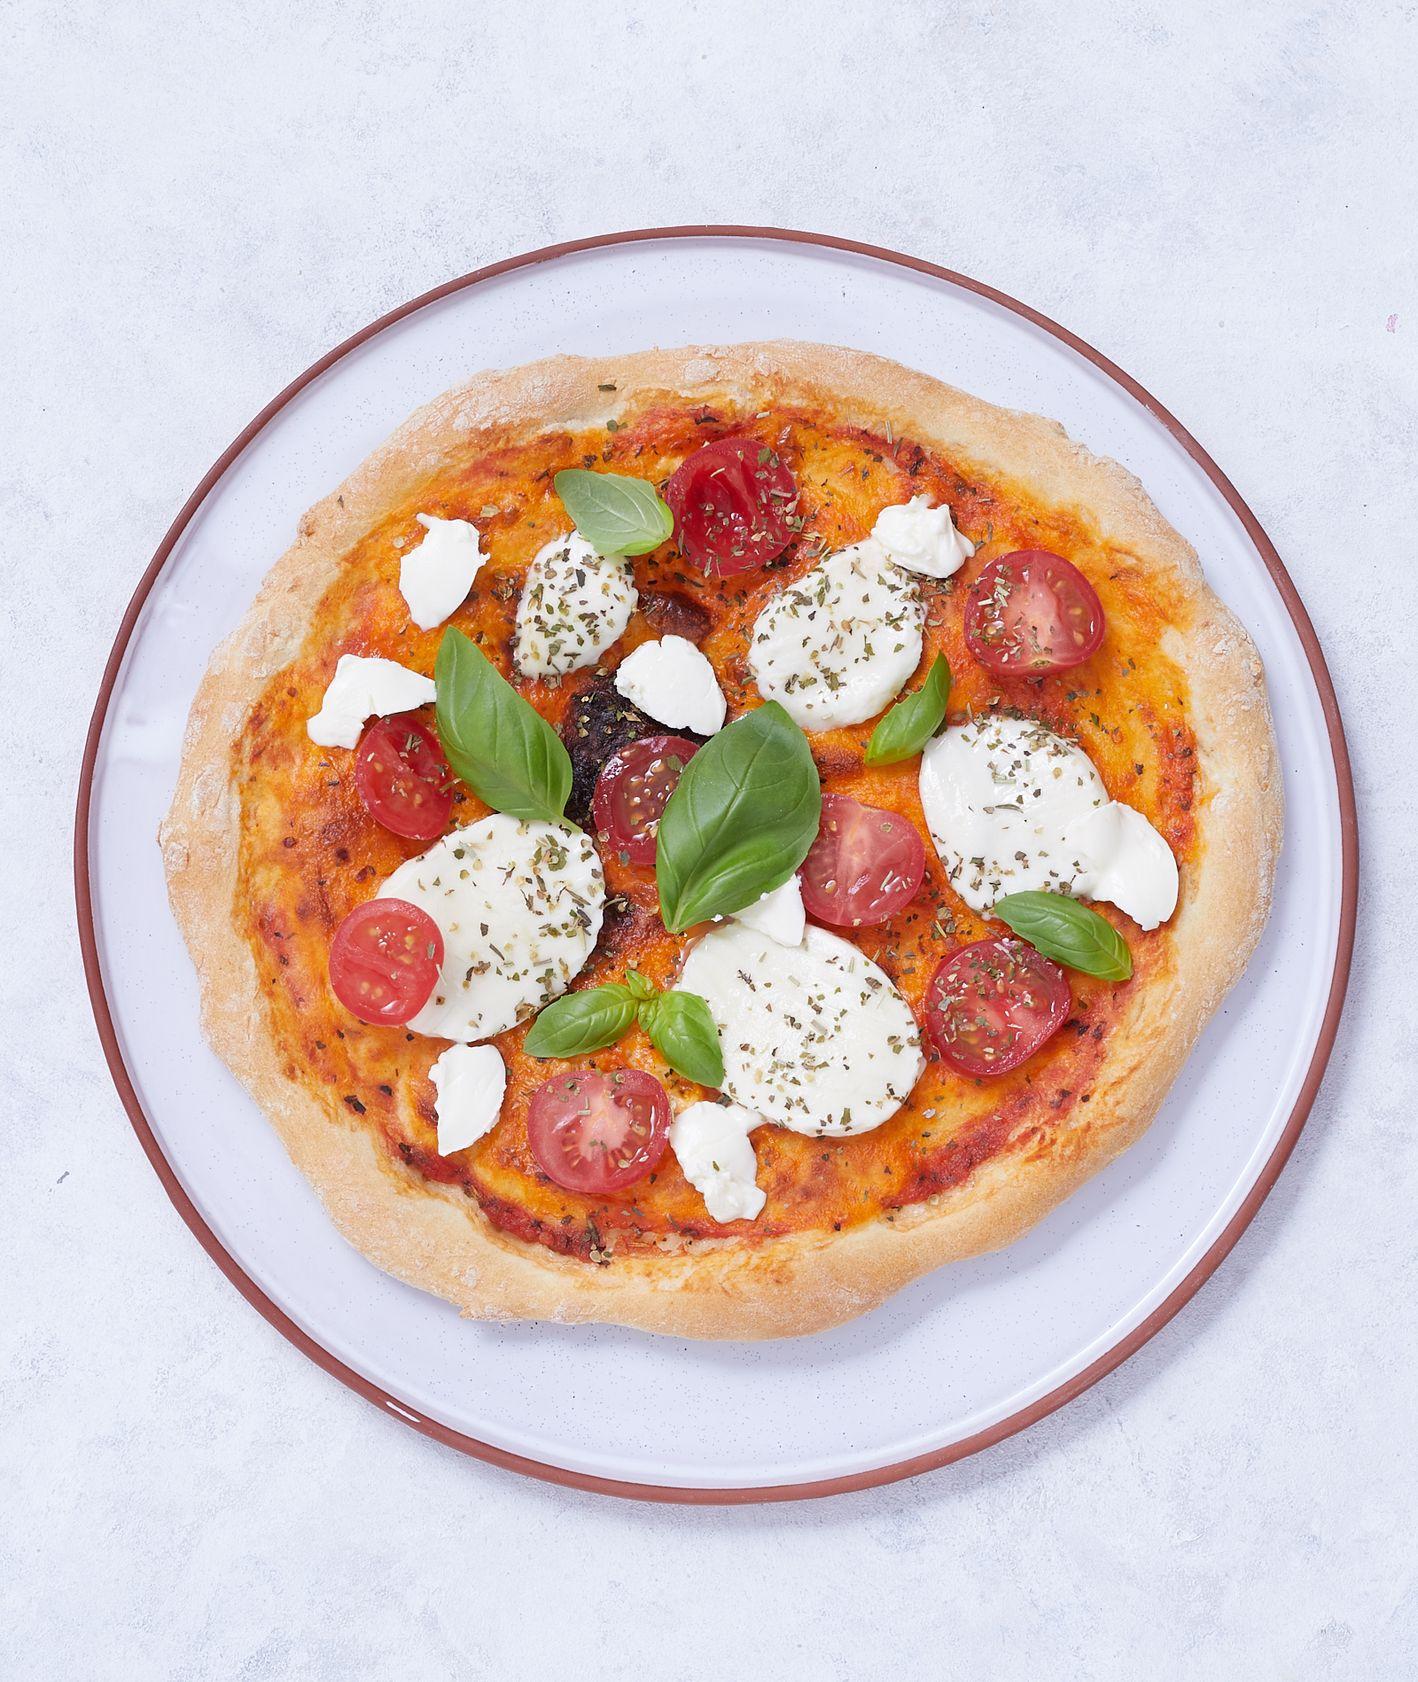 Pizza z pomidorami i bazylią (fot. Maciek Niemojewski)